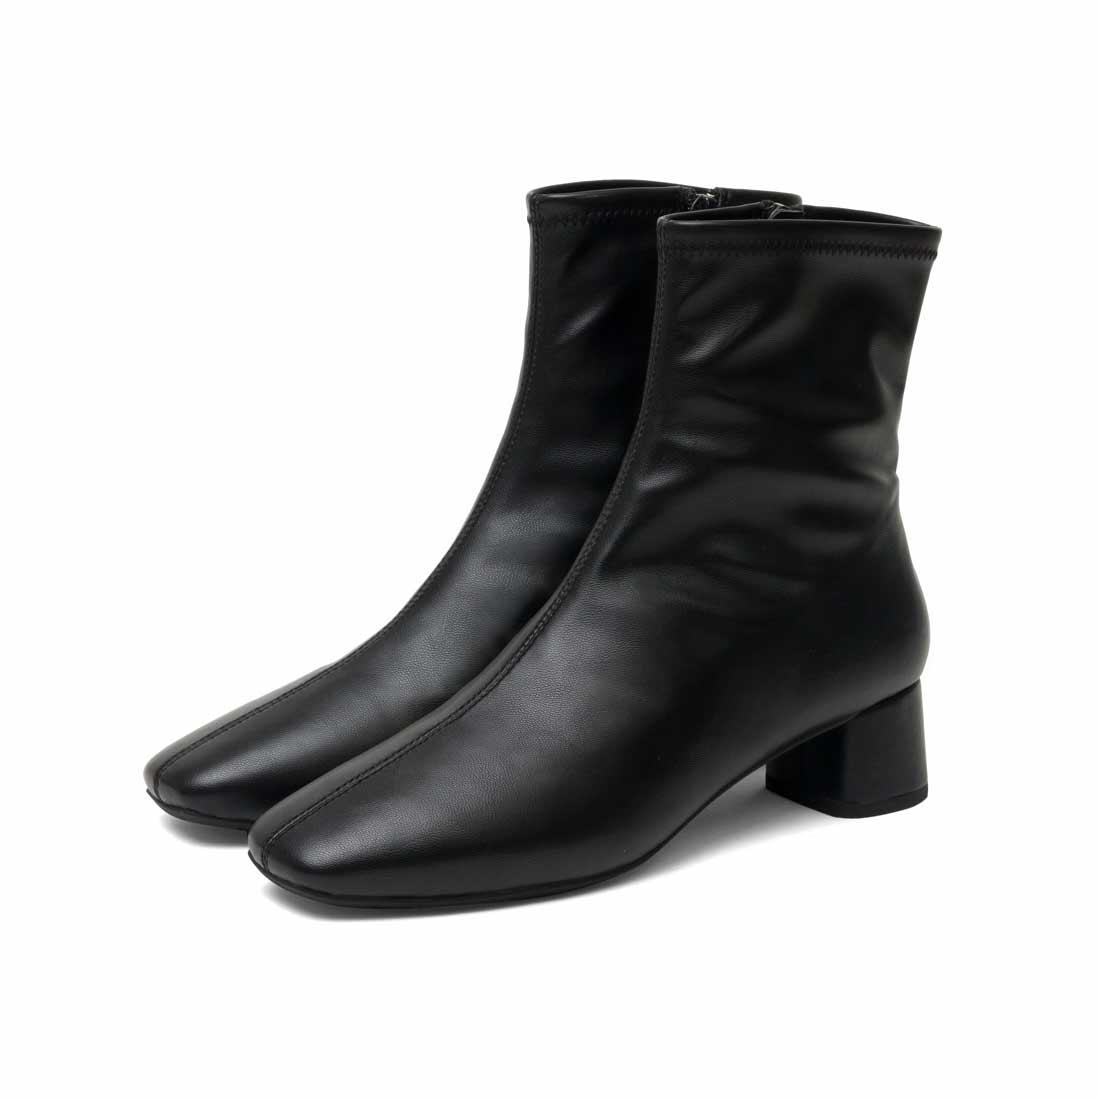 スクエアショートブーツ 太めヒール4cm ブラック